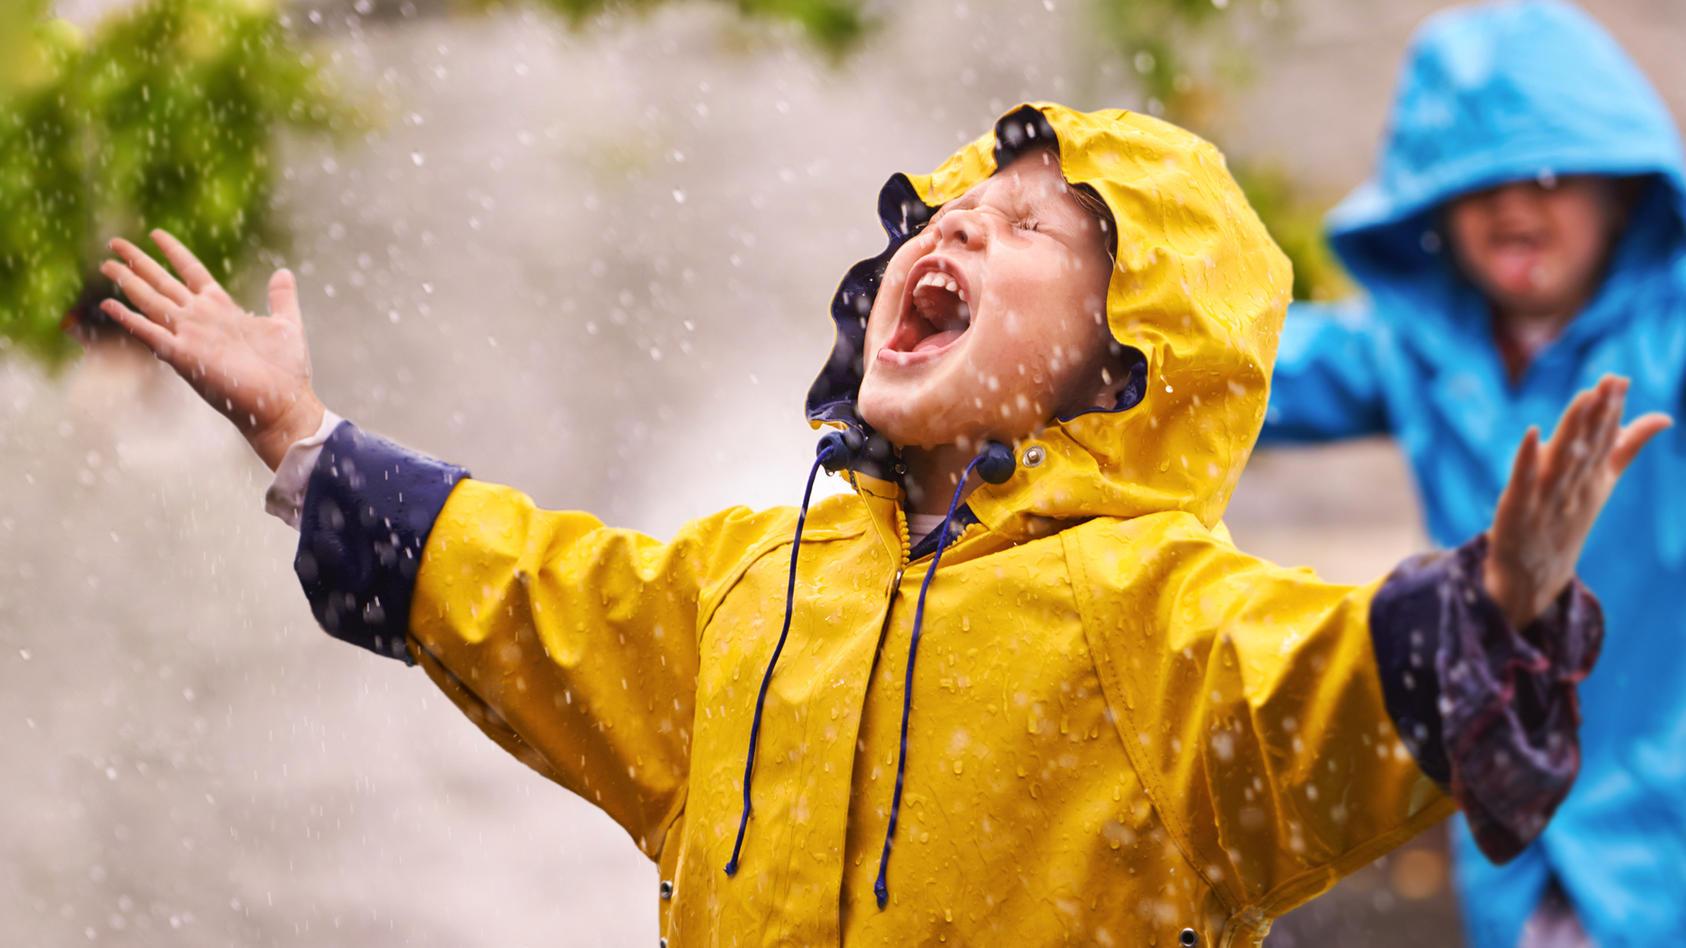 Schlechtes Wetter heißt nicht gleich schlechte Laune!